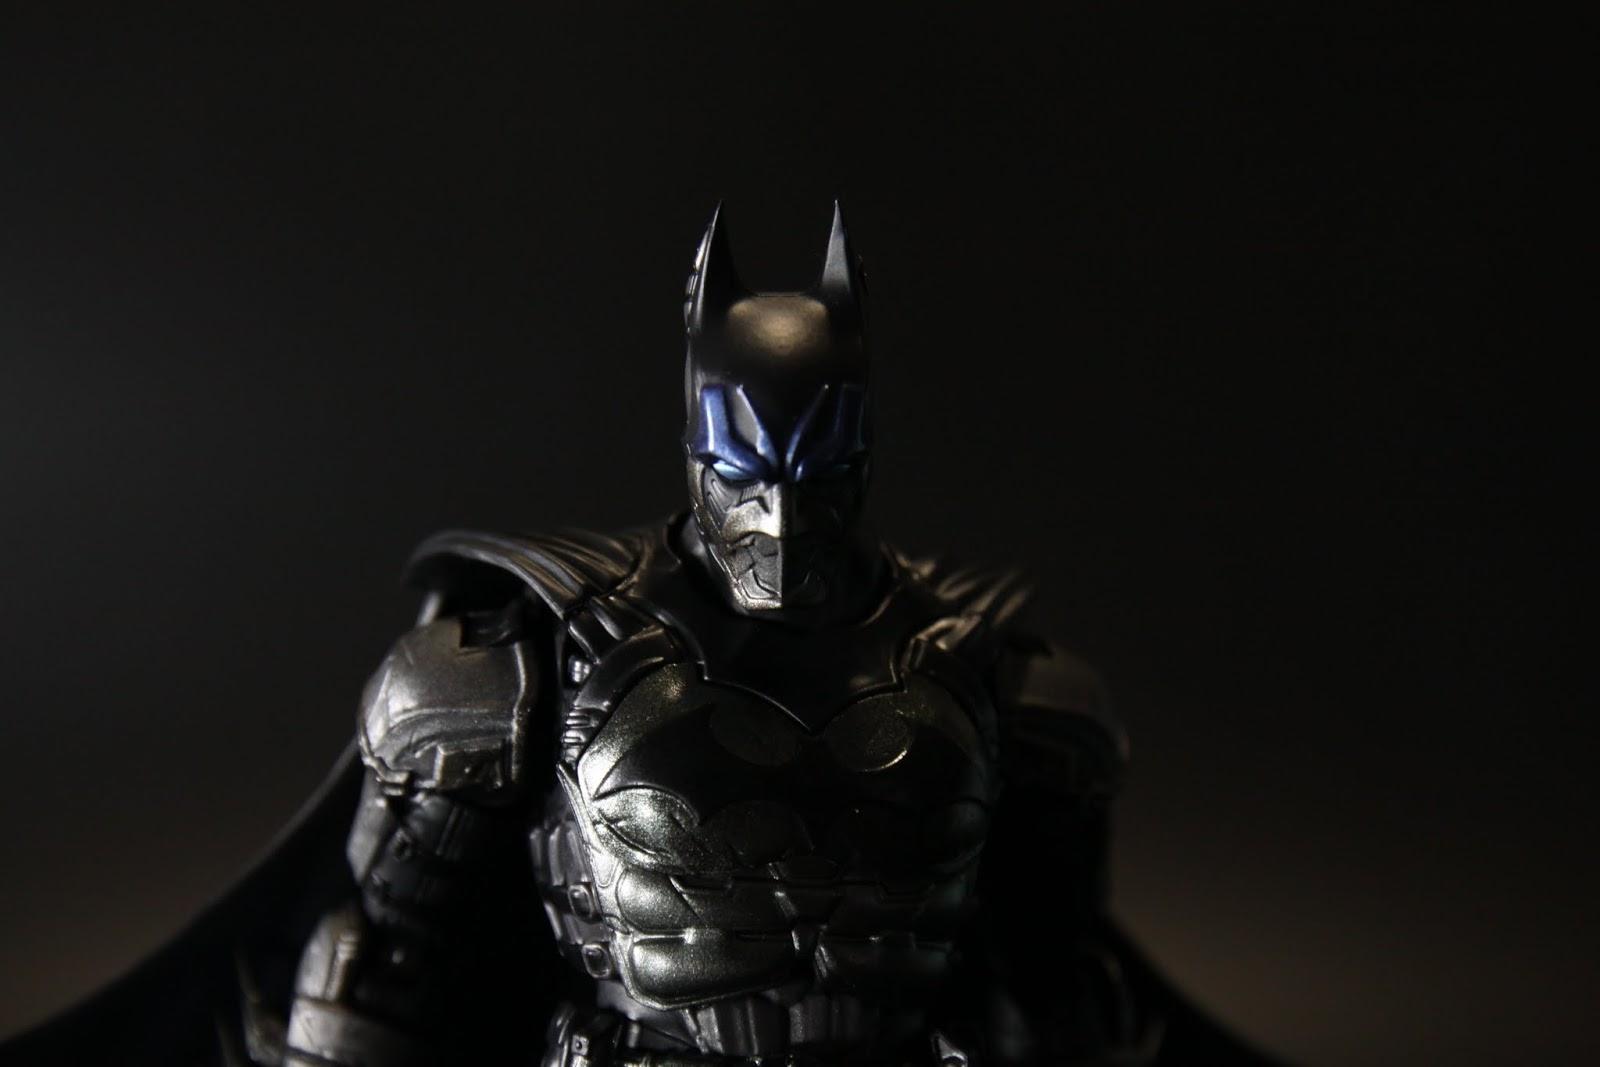 """造型跟明年要出的遊戲""""Arkham Knight""""裡的Arkham Knight的造型有點像"""